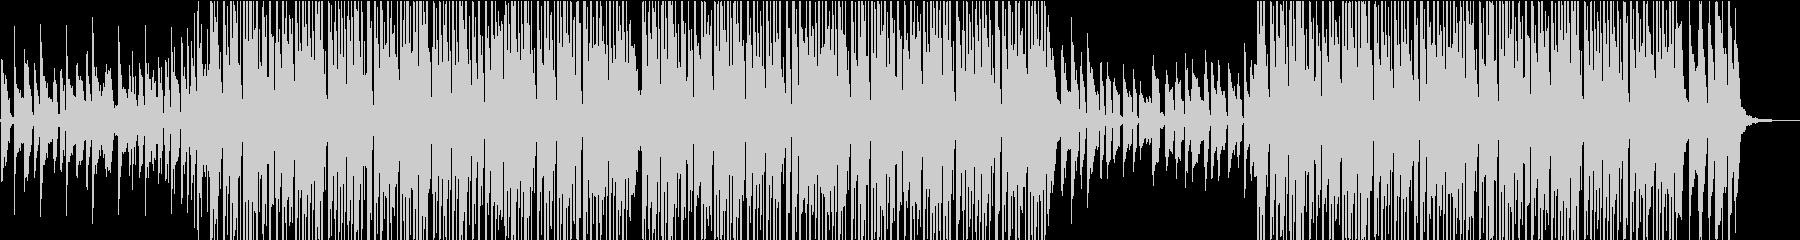 チュートリアル動画向け朗らかヒップホップの未再生の波形